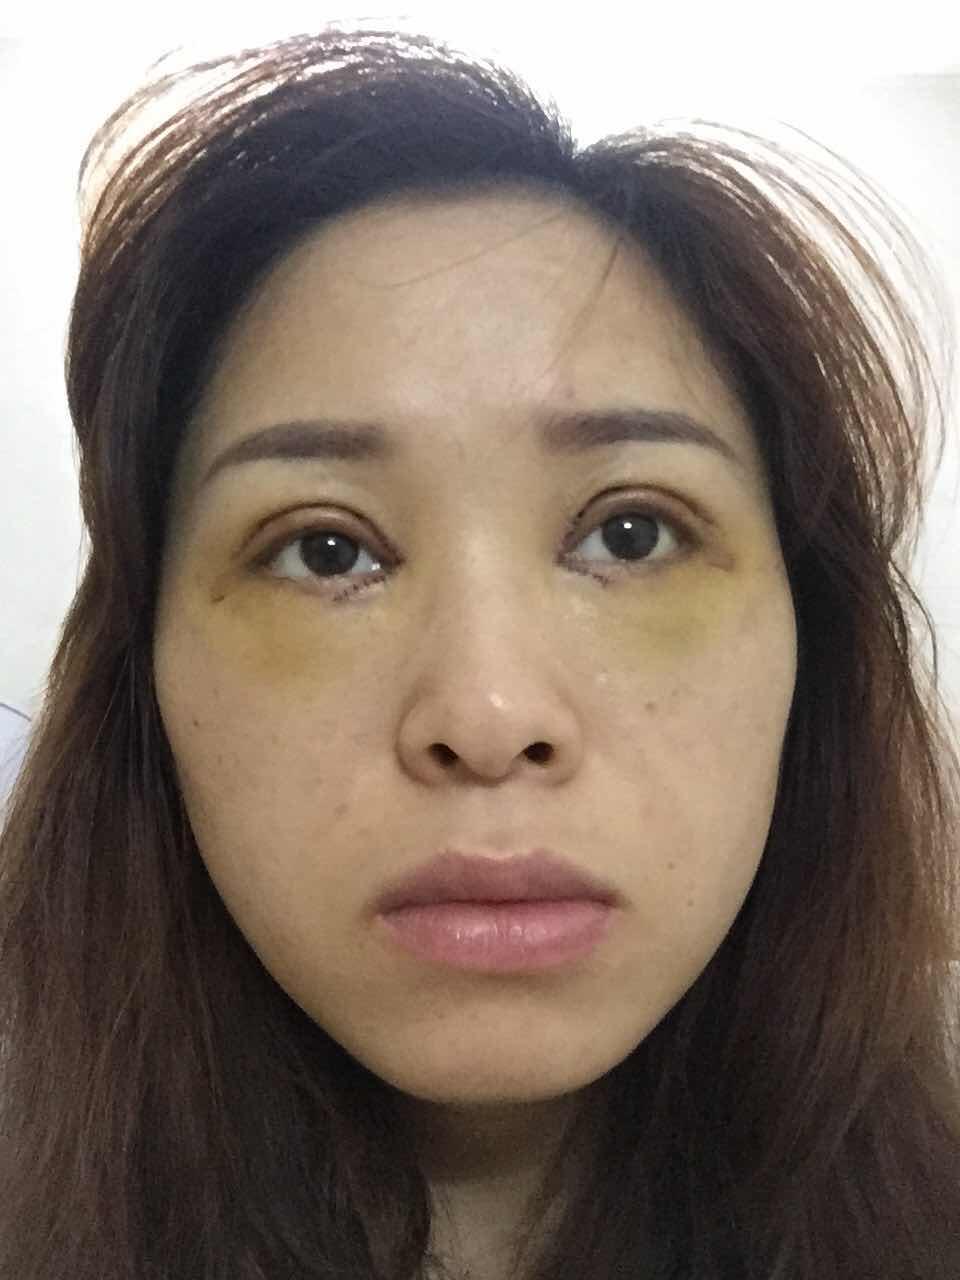 双眼皮手术后眼周发黄怎么办,怎么这么黄,是不是淤青转变黄色,然后就好了,还没拆线!已经五天了,是不是恢复的不好啊